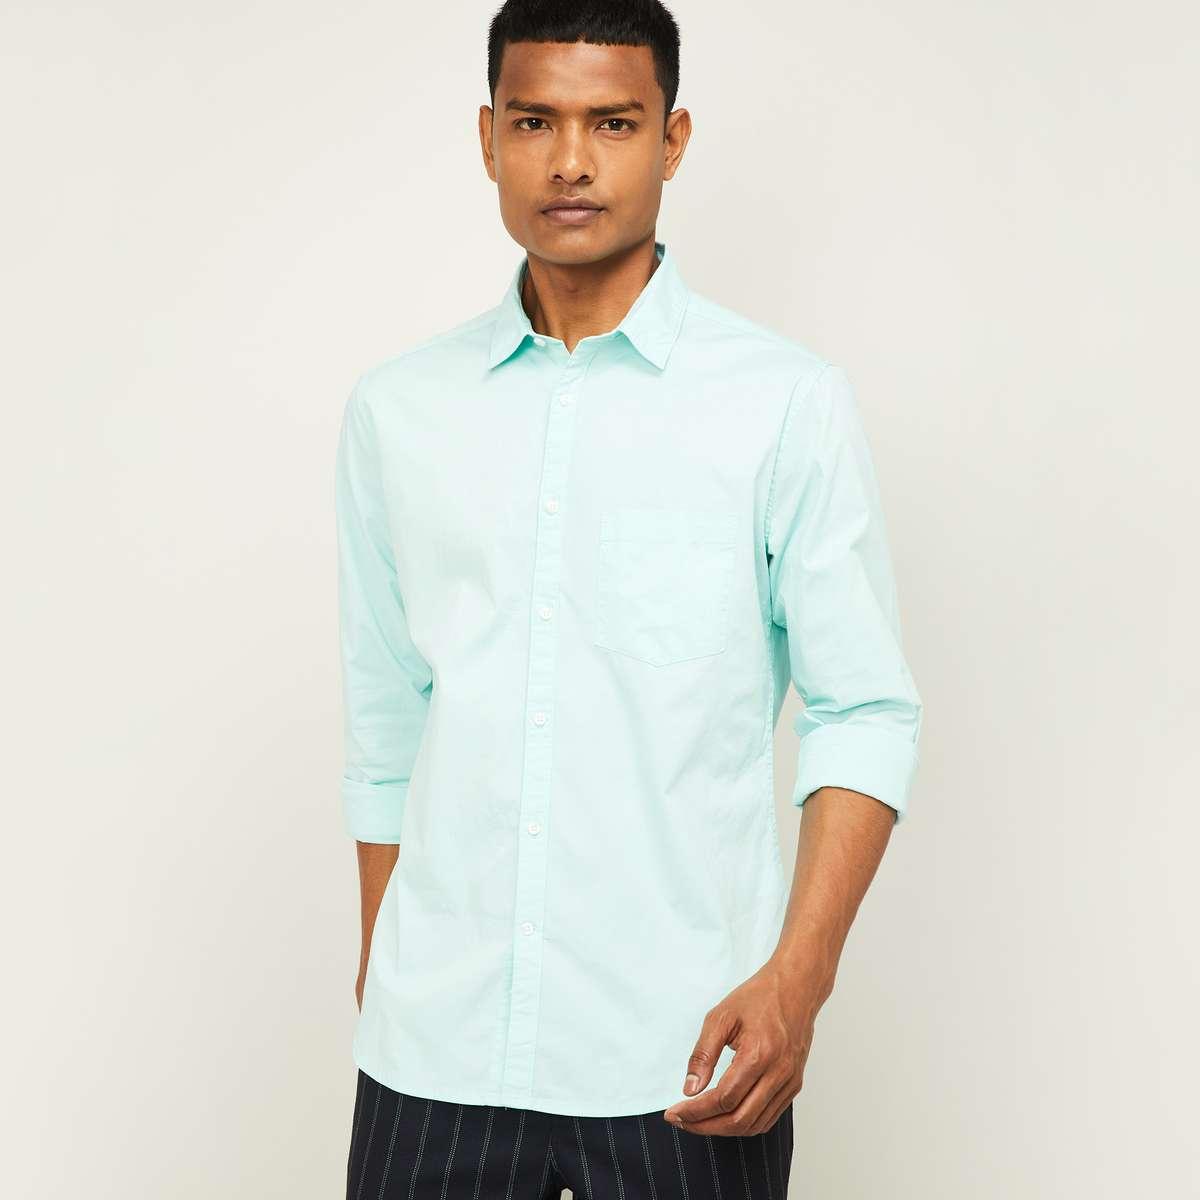 4.CODE Men Solid Slim Fit Casual Shirt